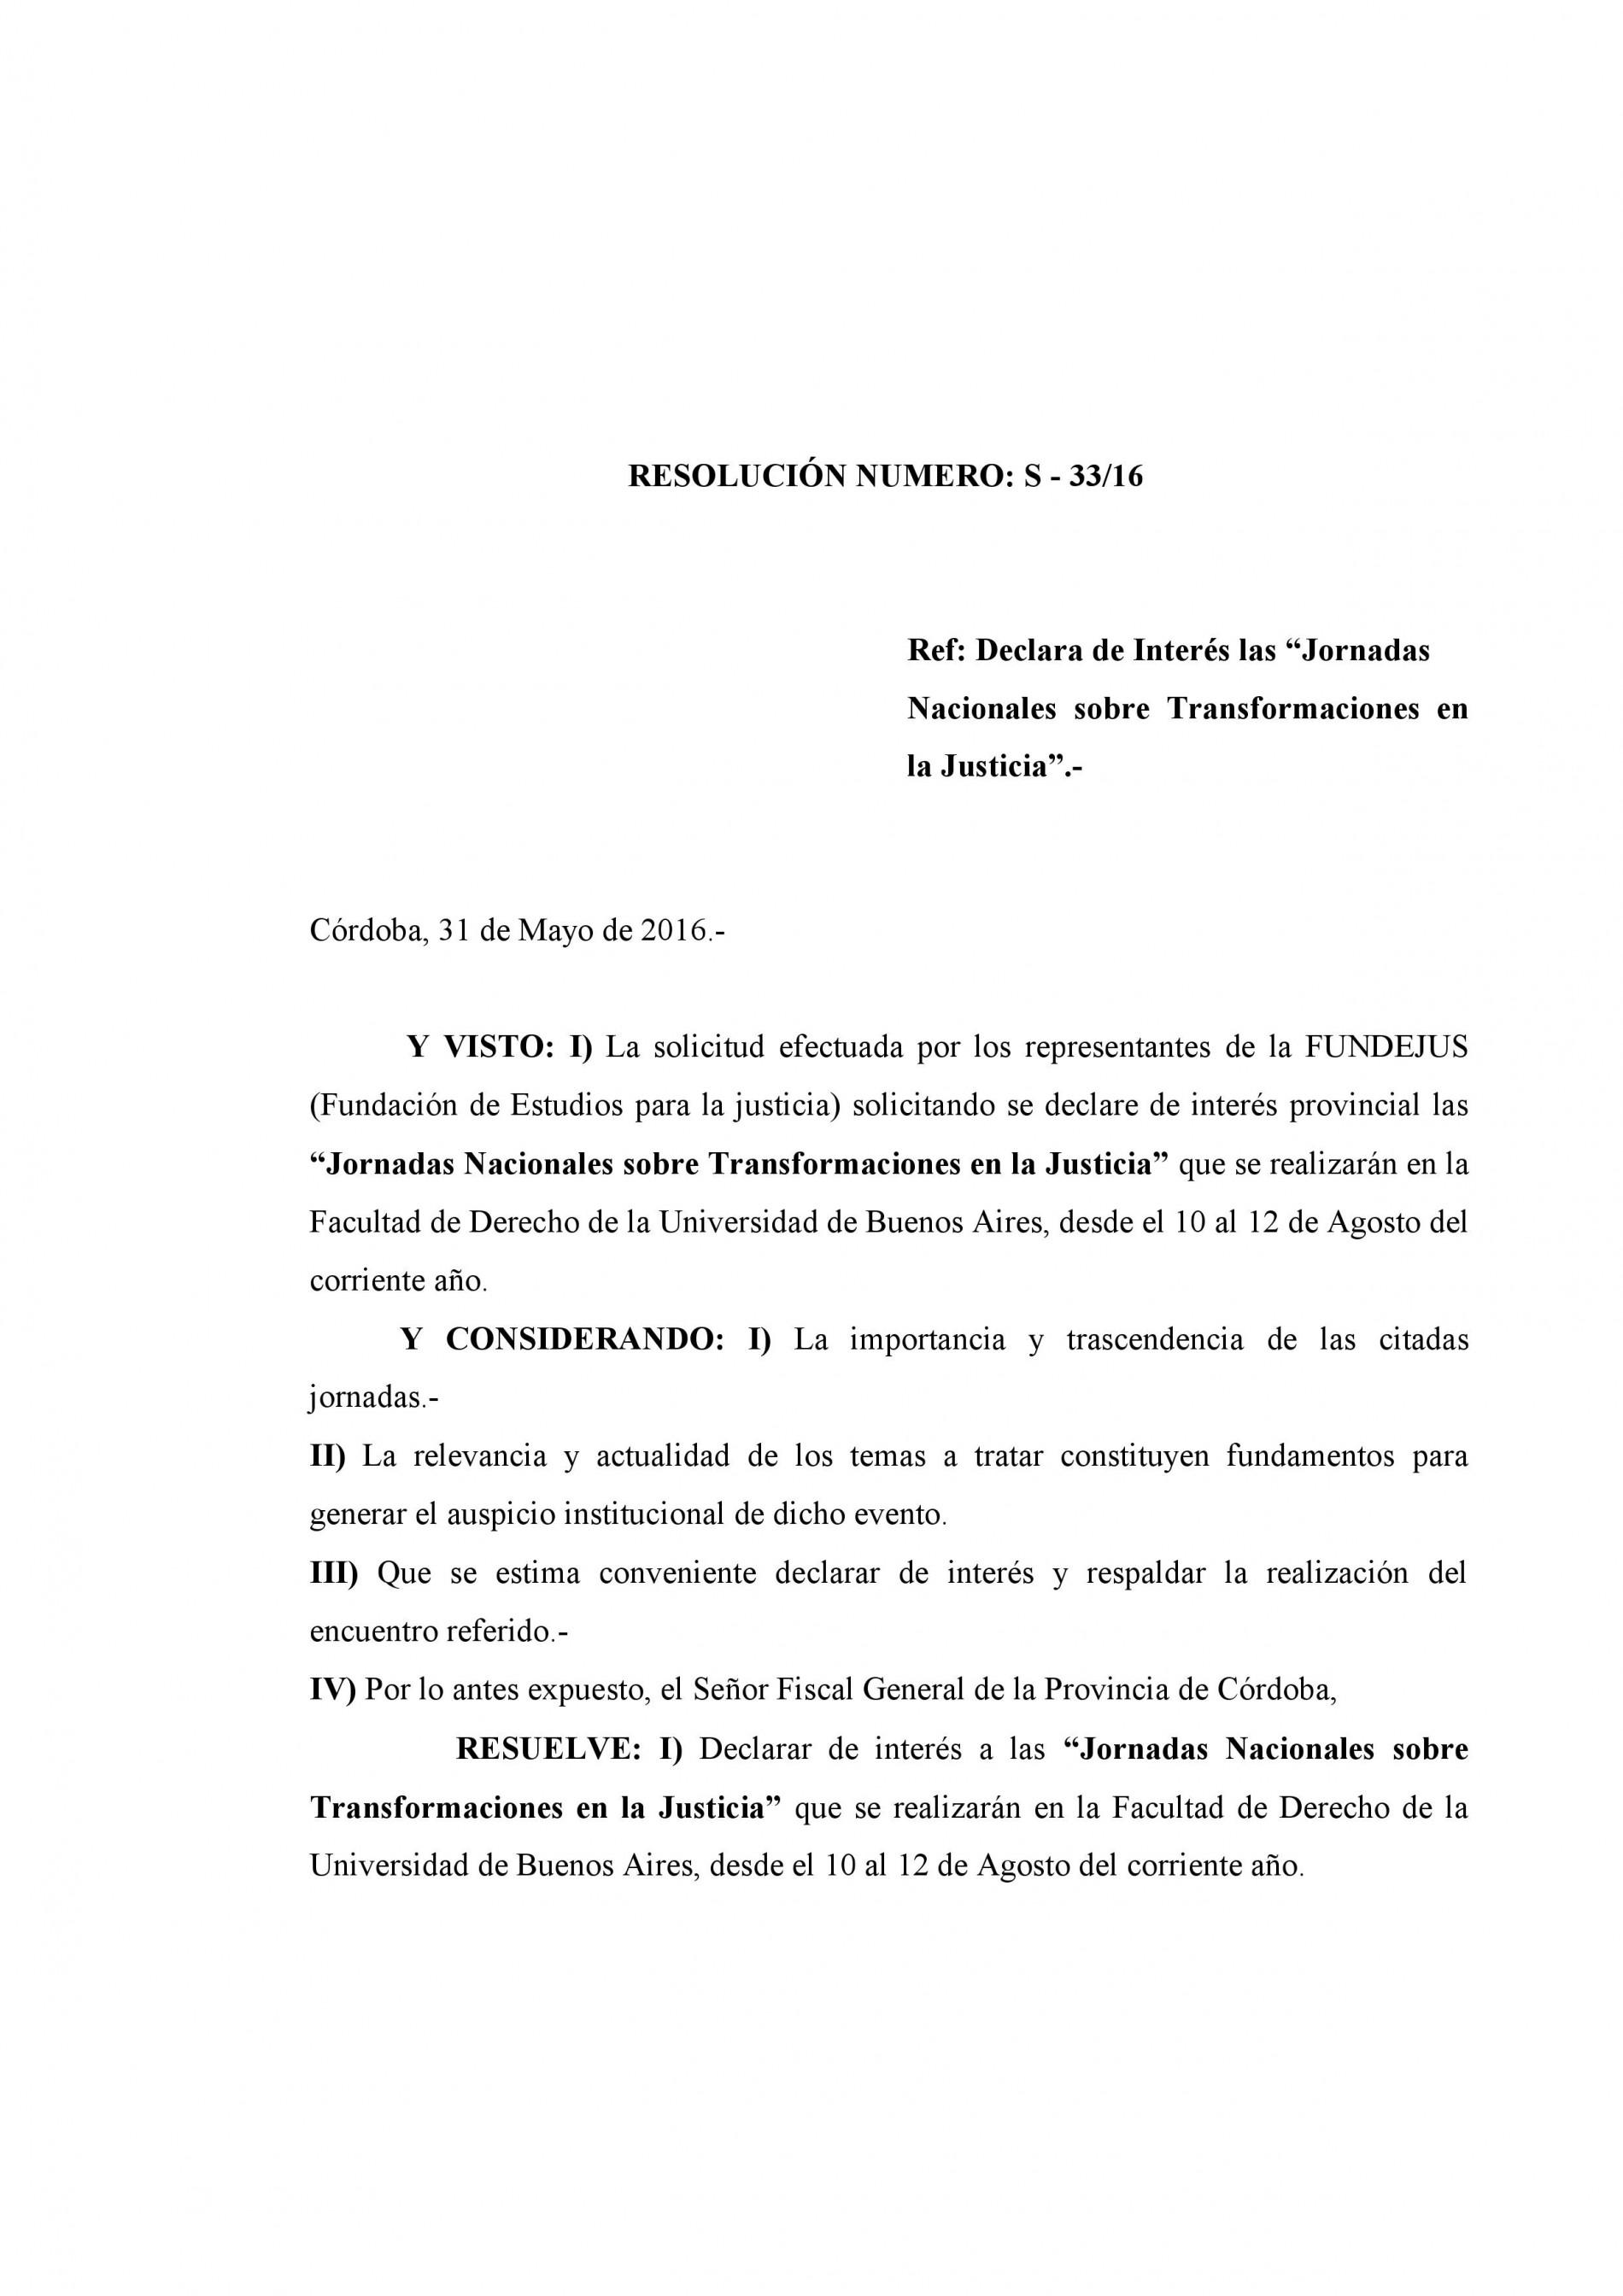 Fiscalia General de la Provincia de Córdoba – Declara de interés las Jornadas Nacionales sobre Transformaciones en la Justicia